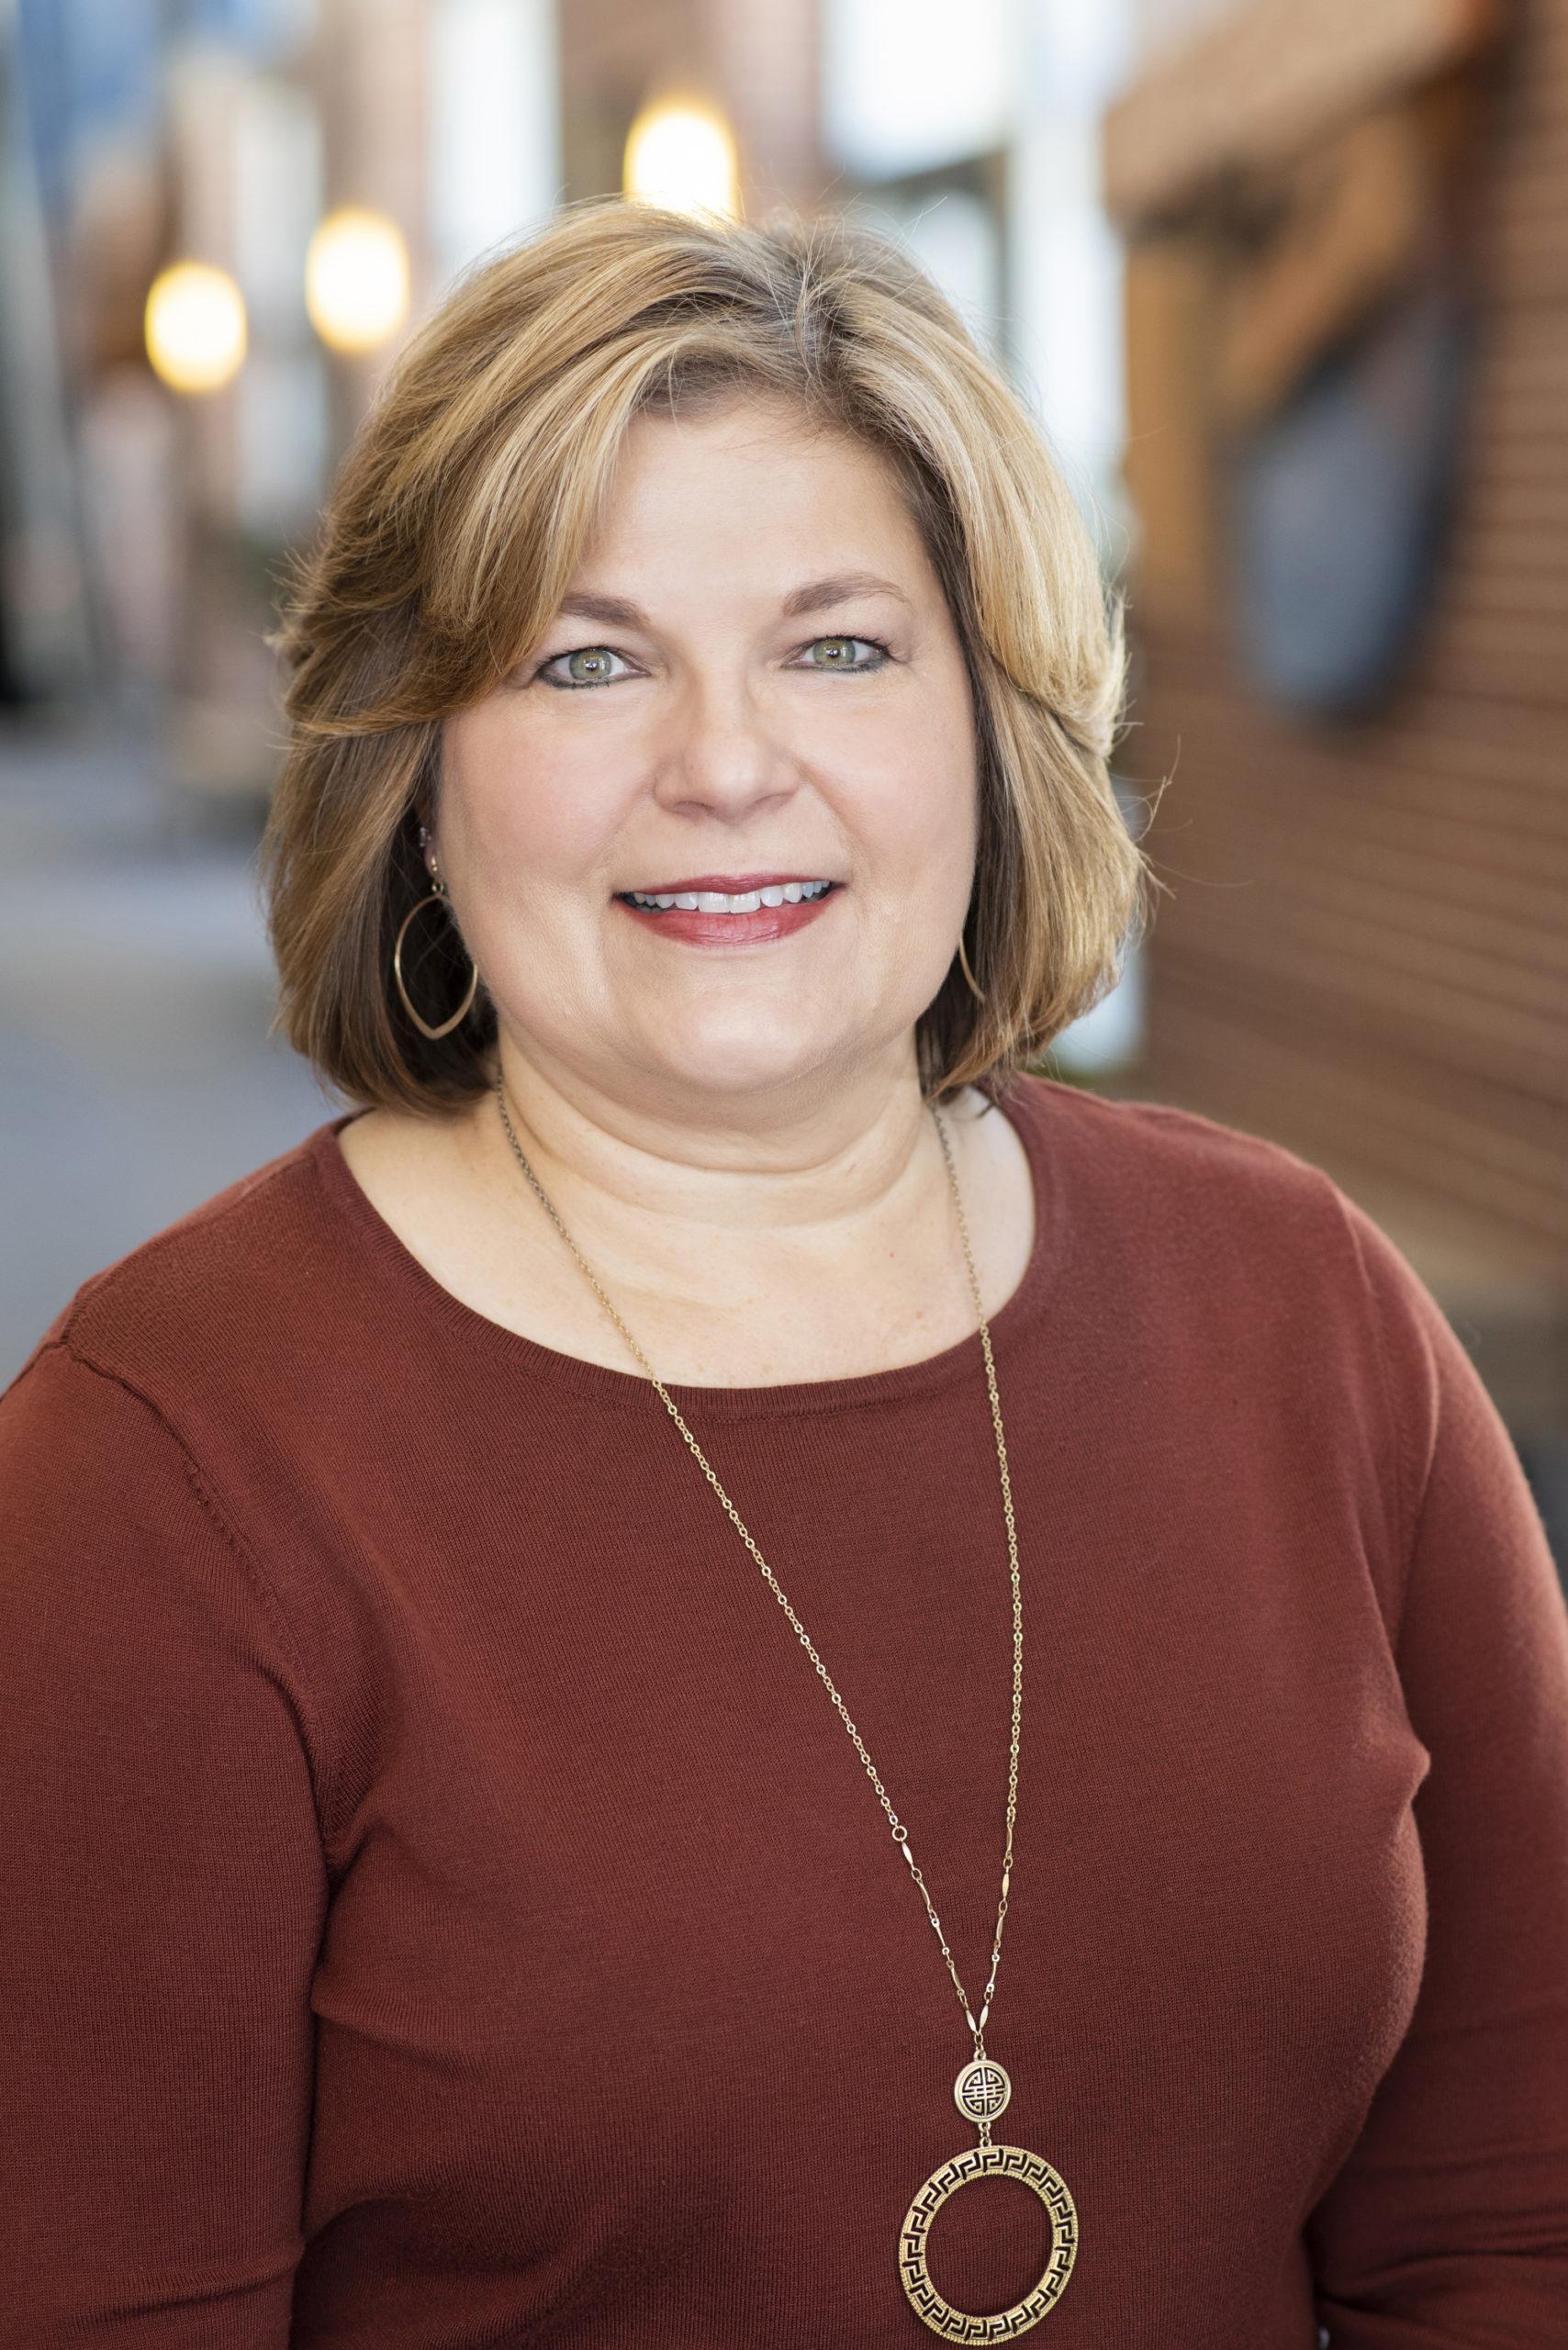 Judy Transue, KC NARI Board President